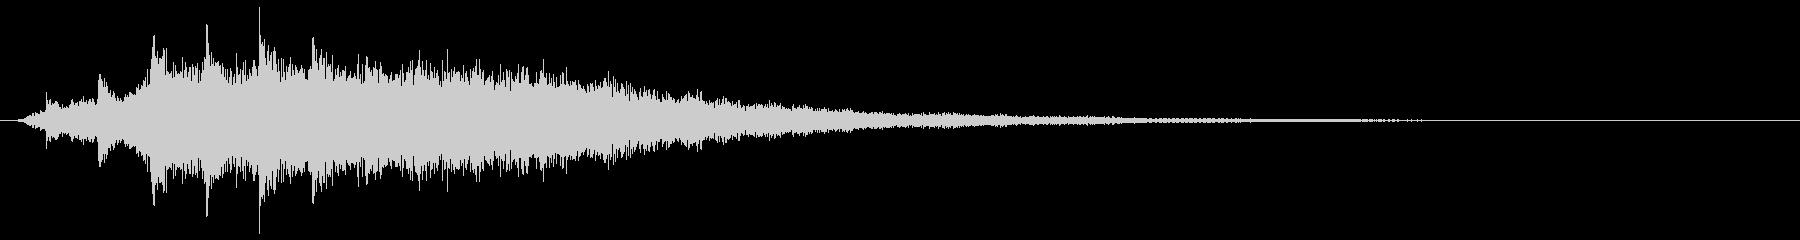 キラキラキラ...(ゴージャス、回復音)の未再生の波形